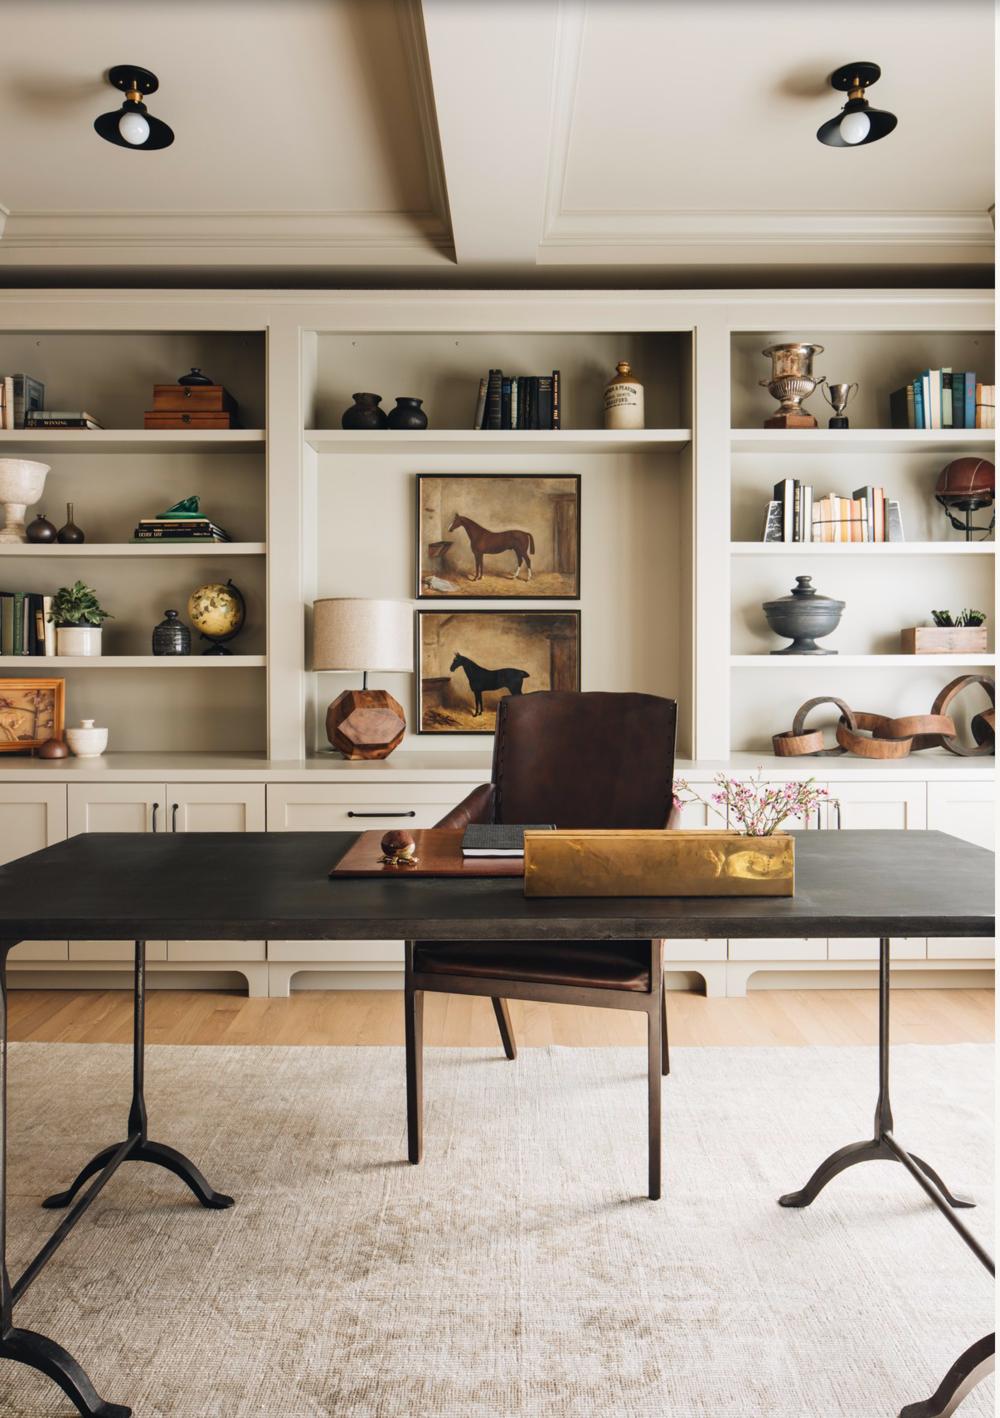 Unique Home Interior Designs: Interior Design Trends Of 2020 In 2020